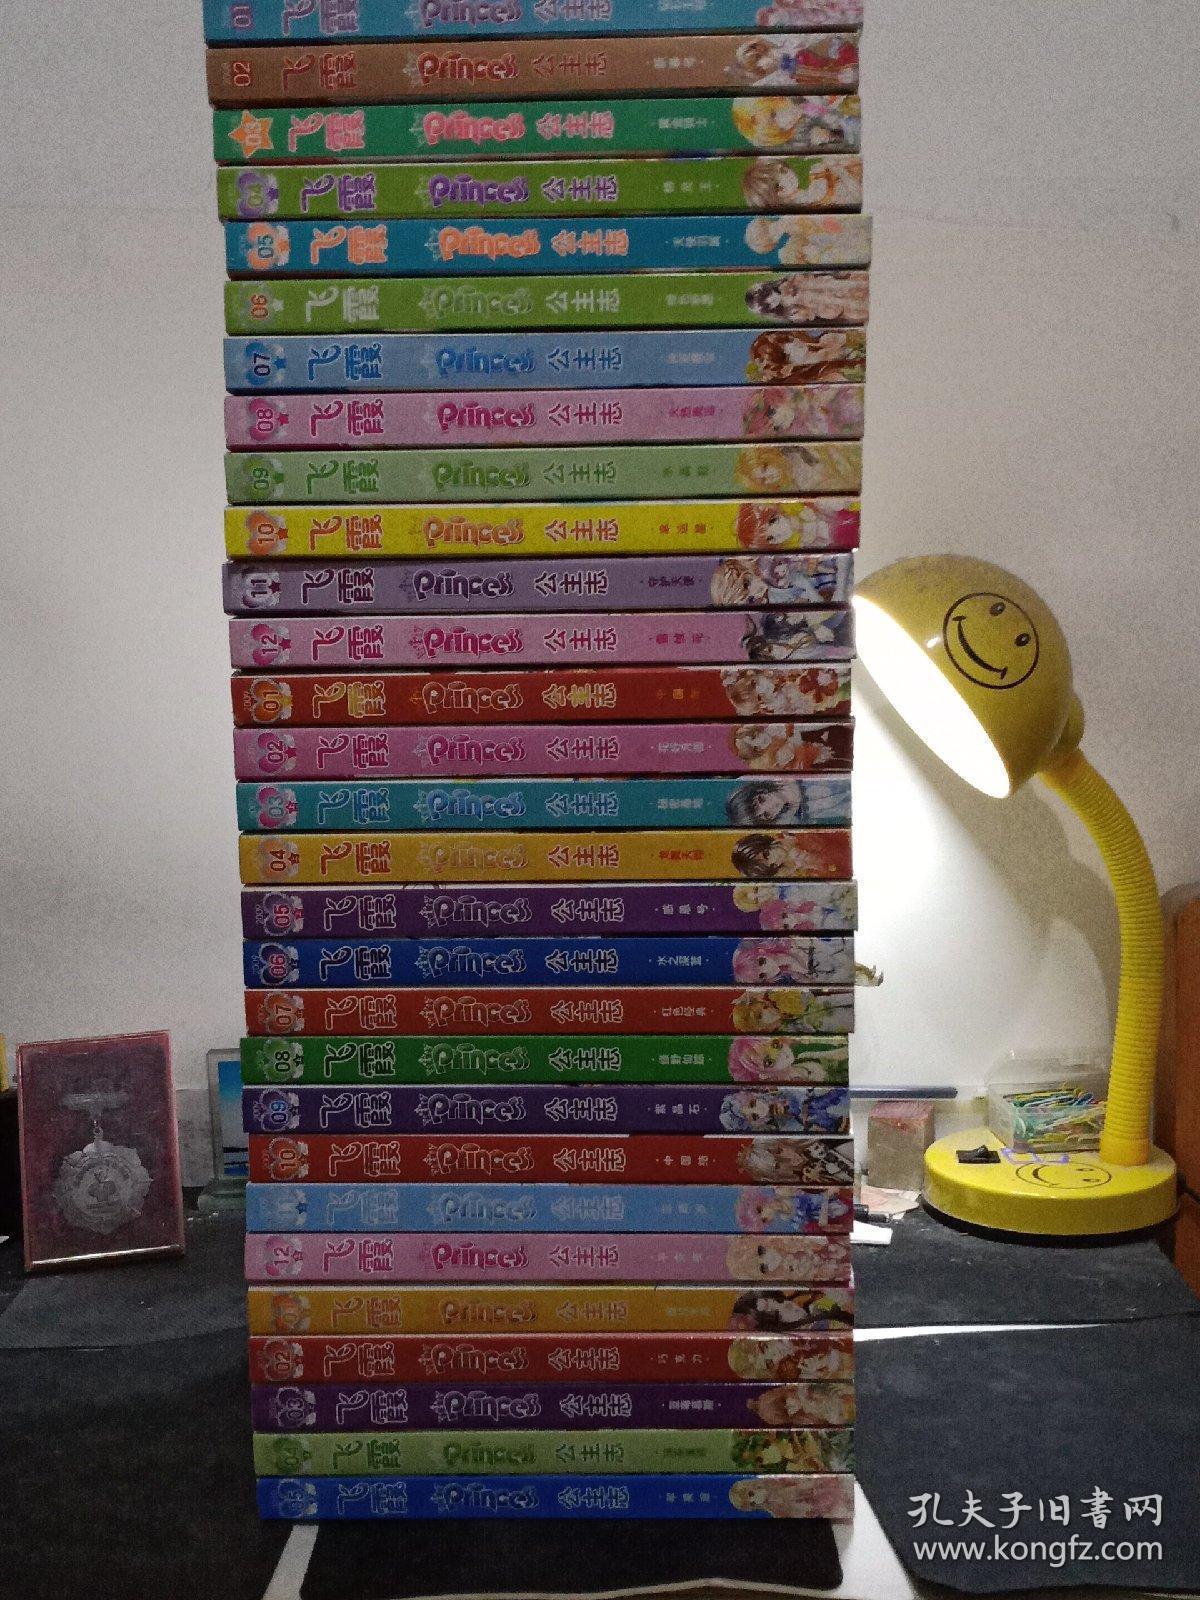 飞霞公主志。《2008 ,1--12,》《2009,  1--12》《2010, 1--5》公主志试刊号。少女漫画志。31册合售